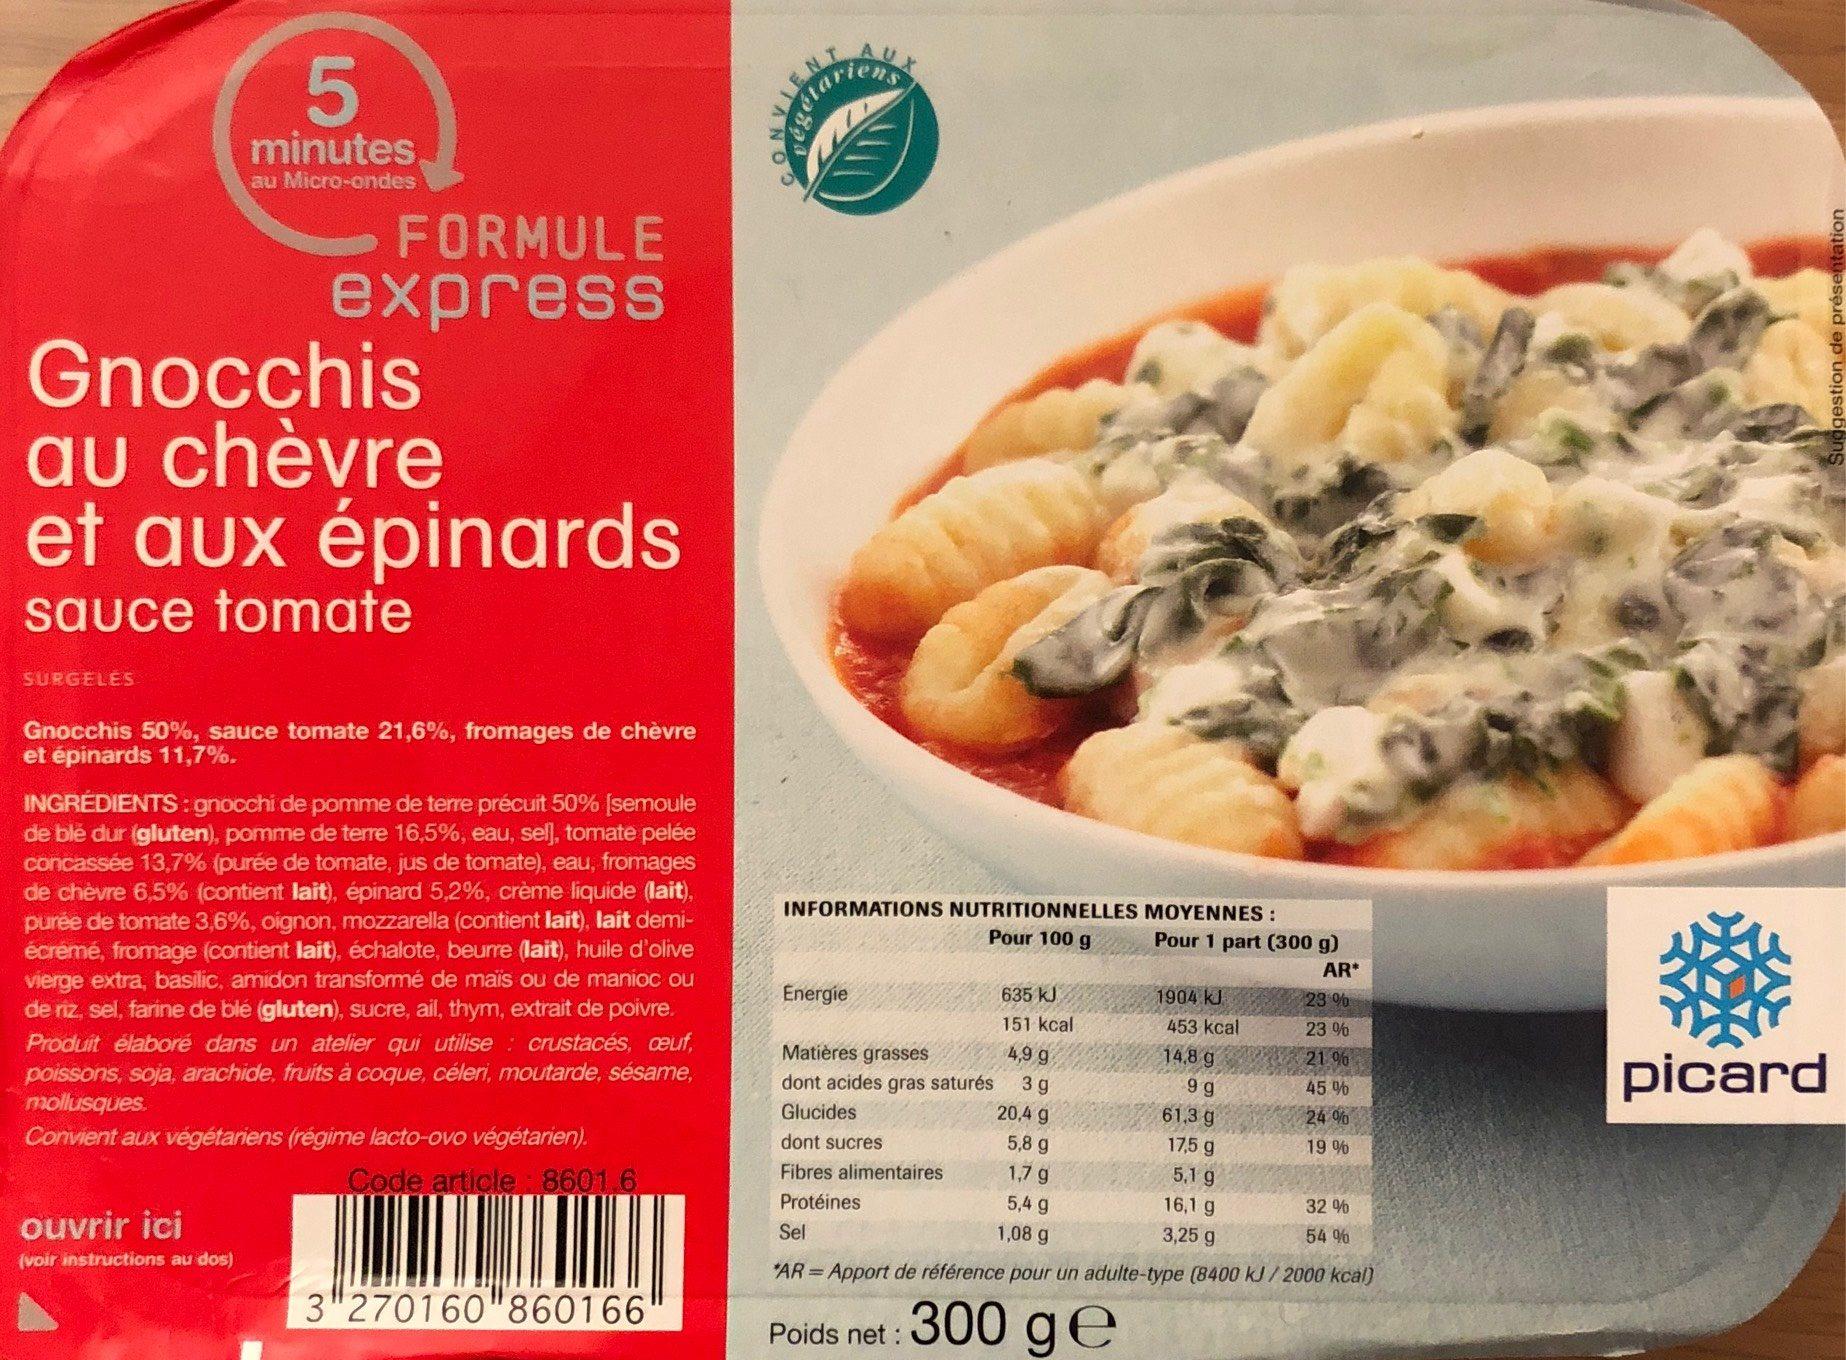 Gnocchis au chèvre et aux épinards - Produit